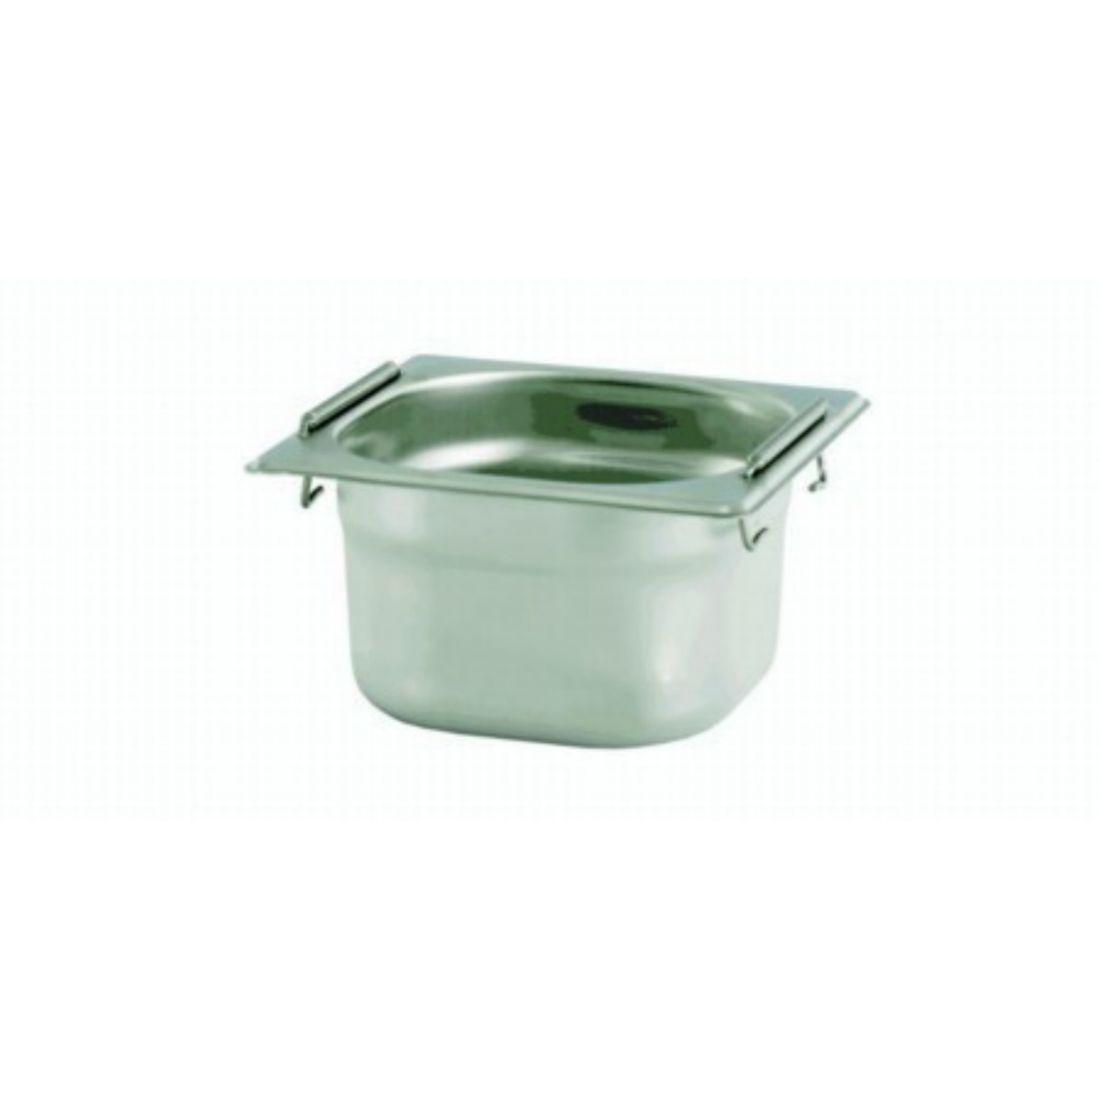 Gastronádoba Profi se sklápěcími úchyty GN 1/6 065 mm